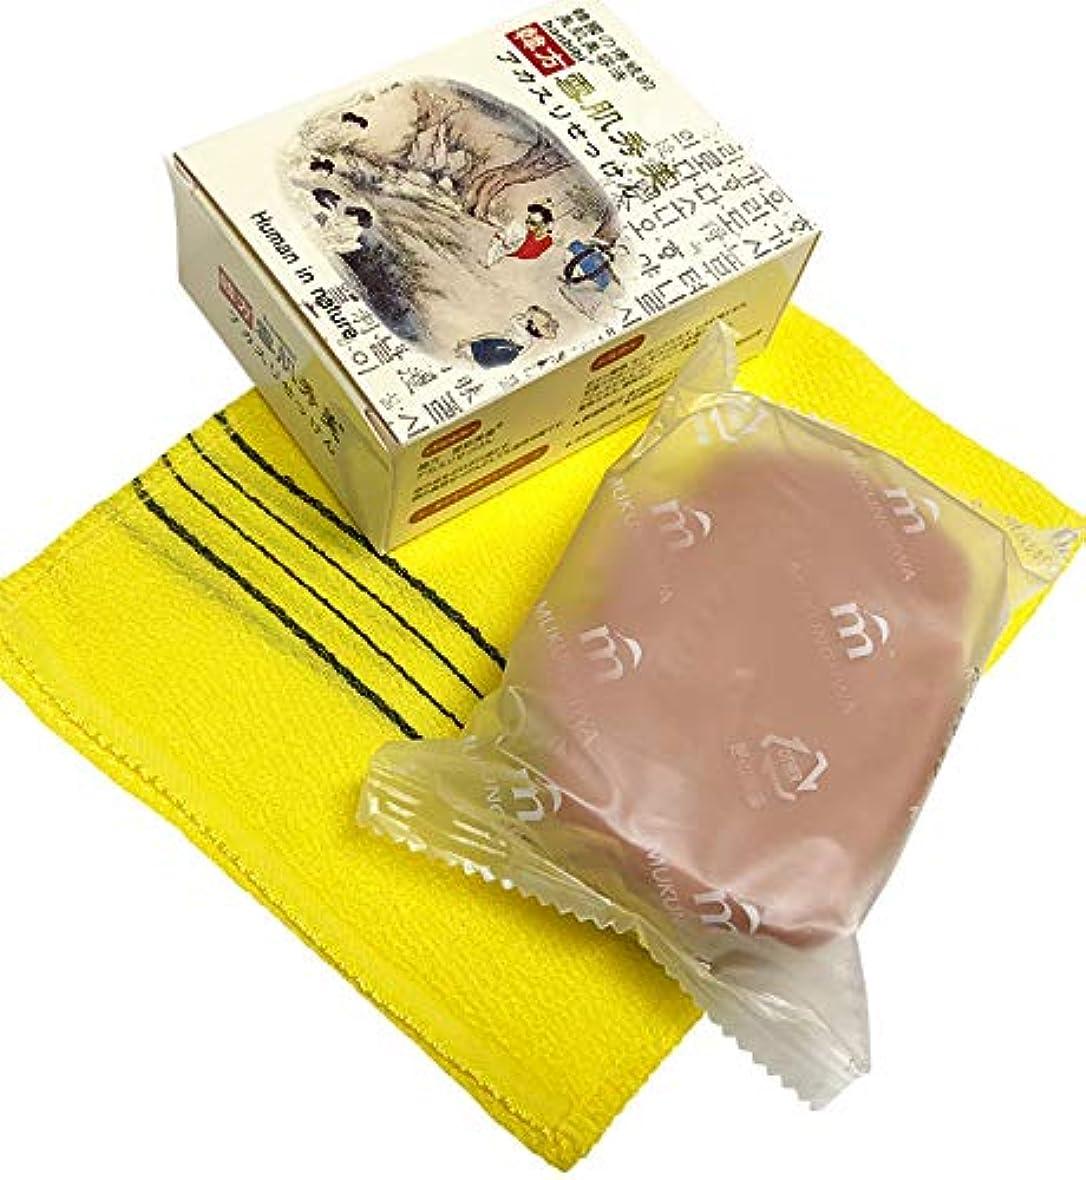 パノラマオフェンス生命体顔、体兼用、蜂蜜香りの韓方石ケン、韓国コスメ 韓方[]蜂蜜アカスリせっけん アカスリ専用タオル付き